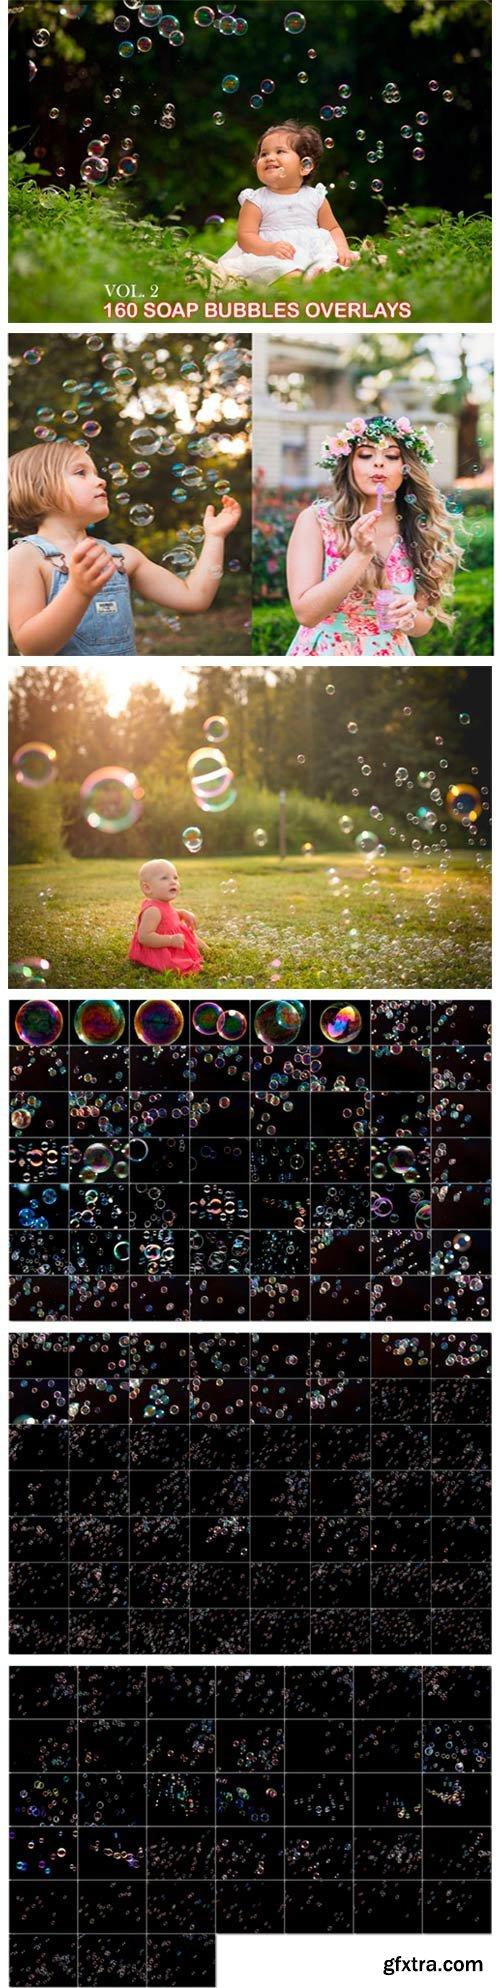 160 Soap Bubbles Photoshop Overlays 3012071